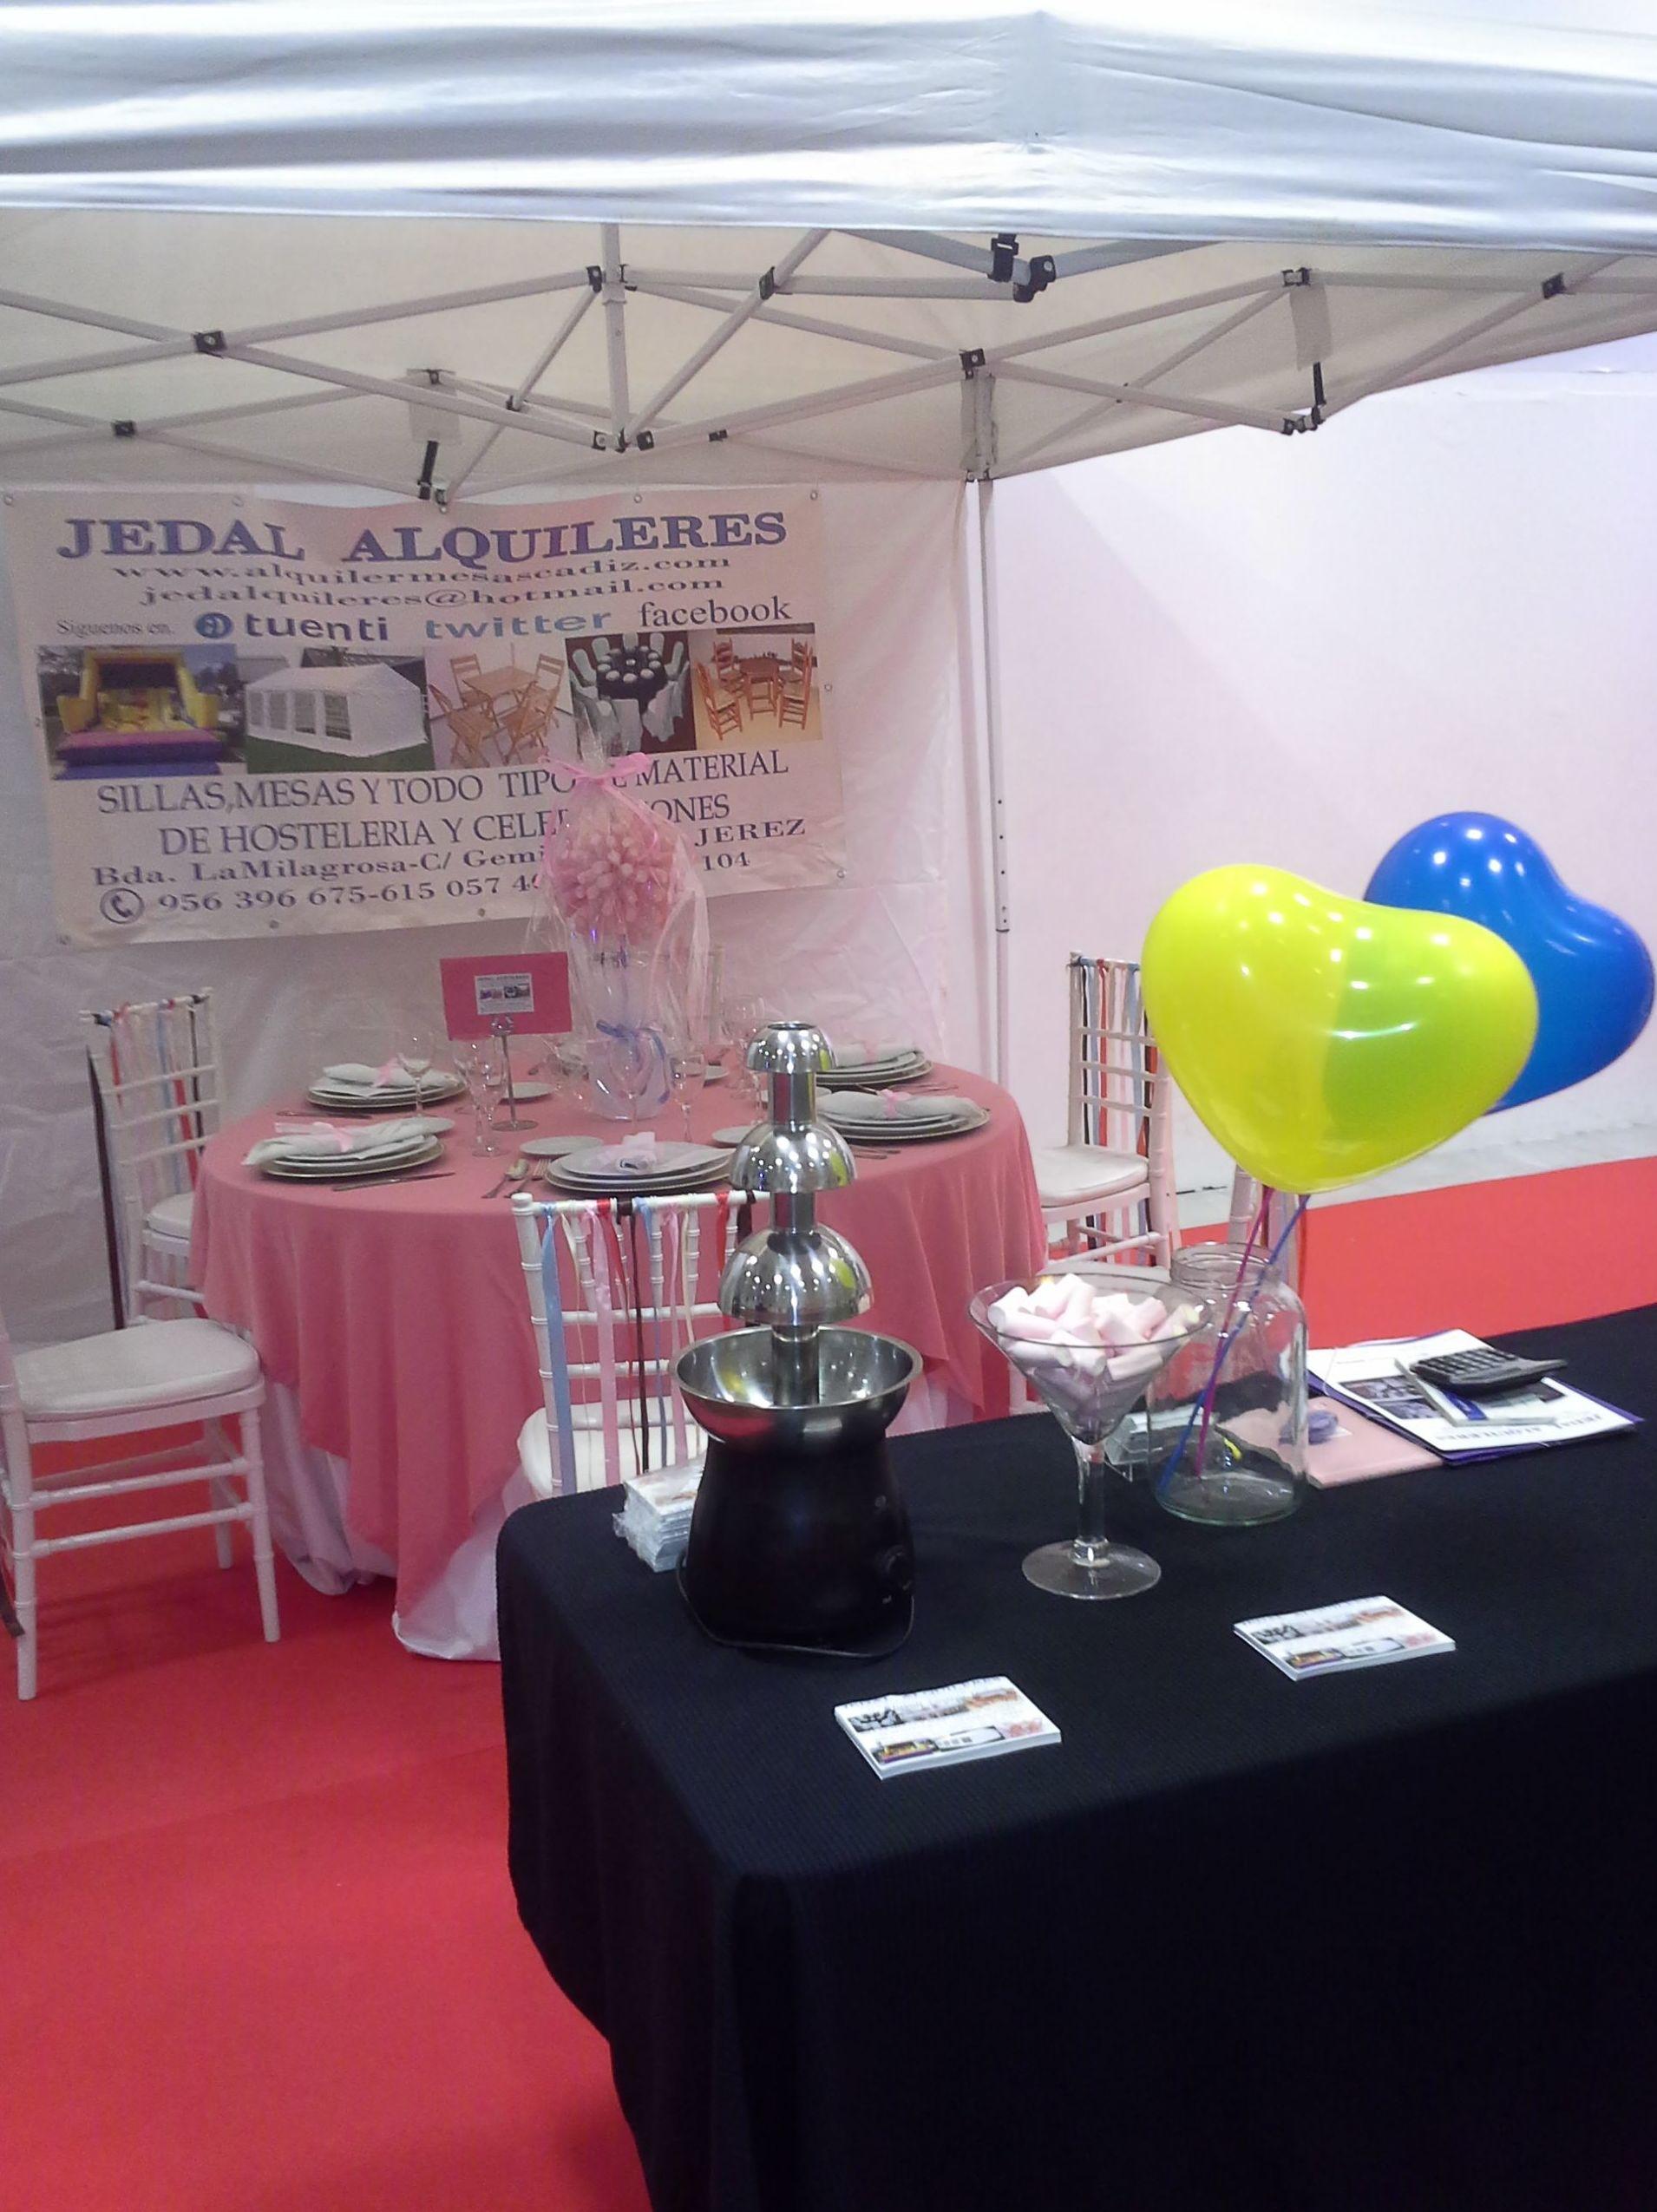 Foto 9 de Alquiler de sillas, mesas y menaje en Jerez de la Frontera | Jedal Alquileres